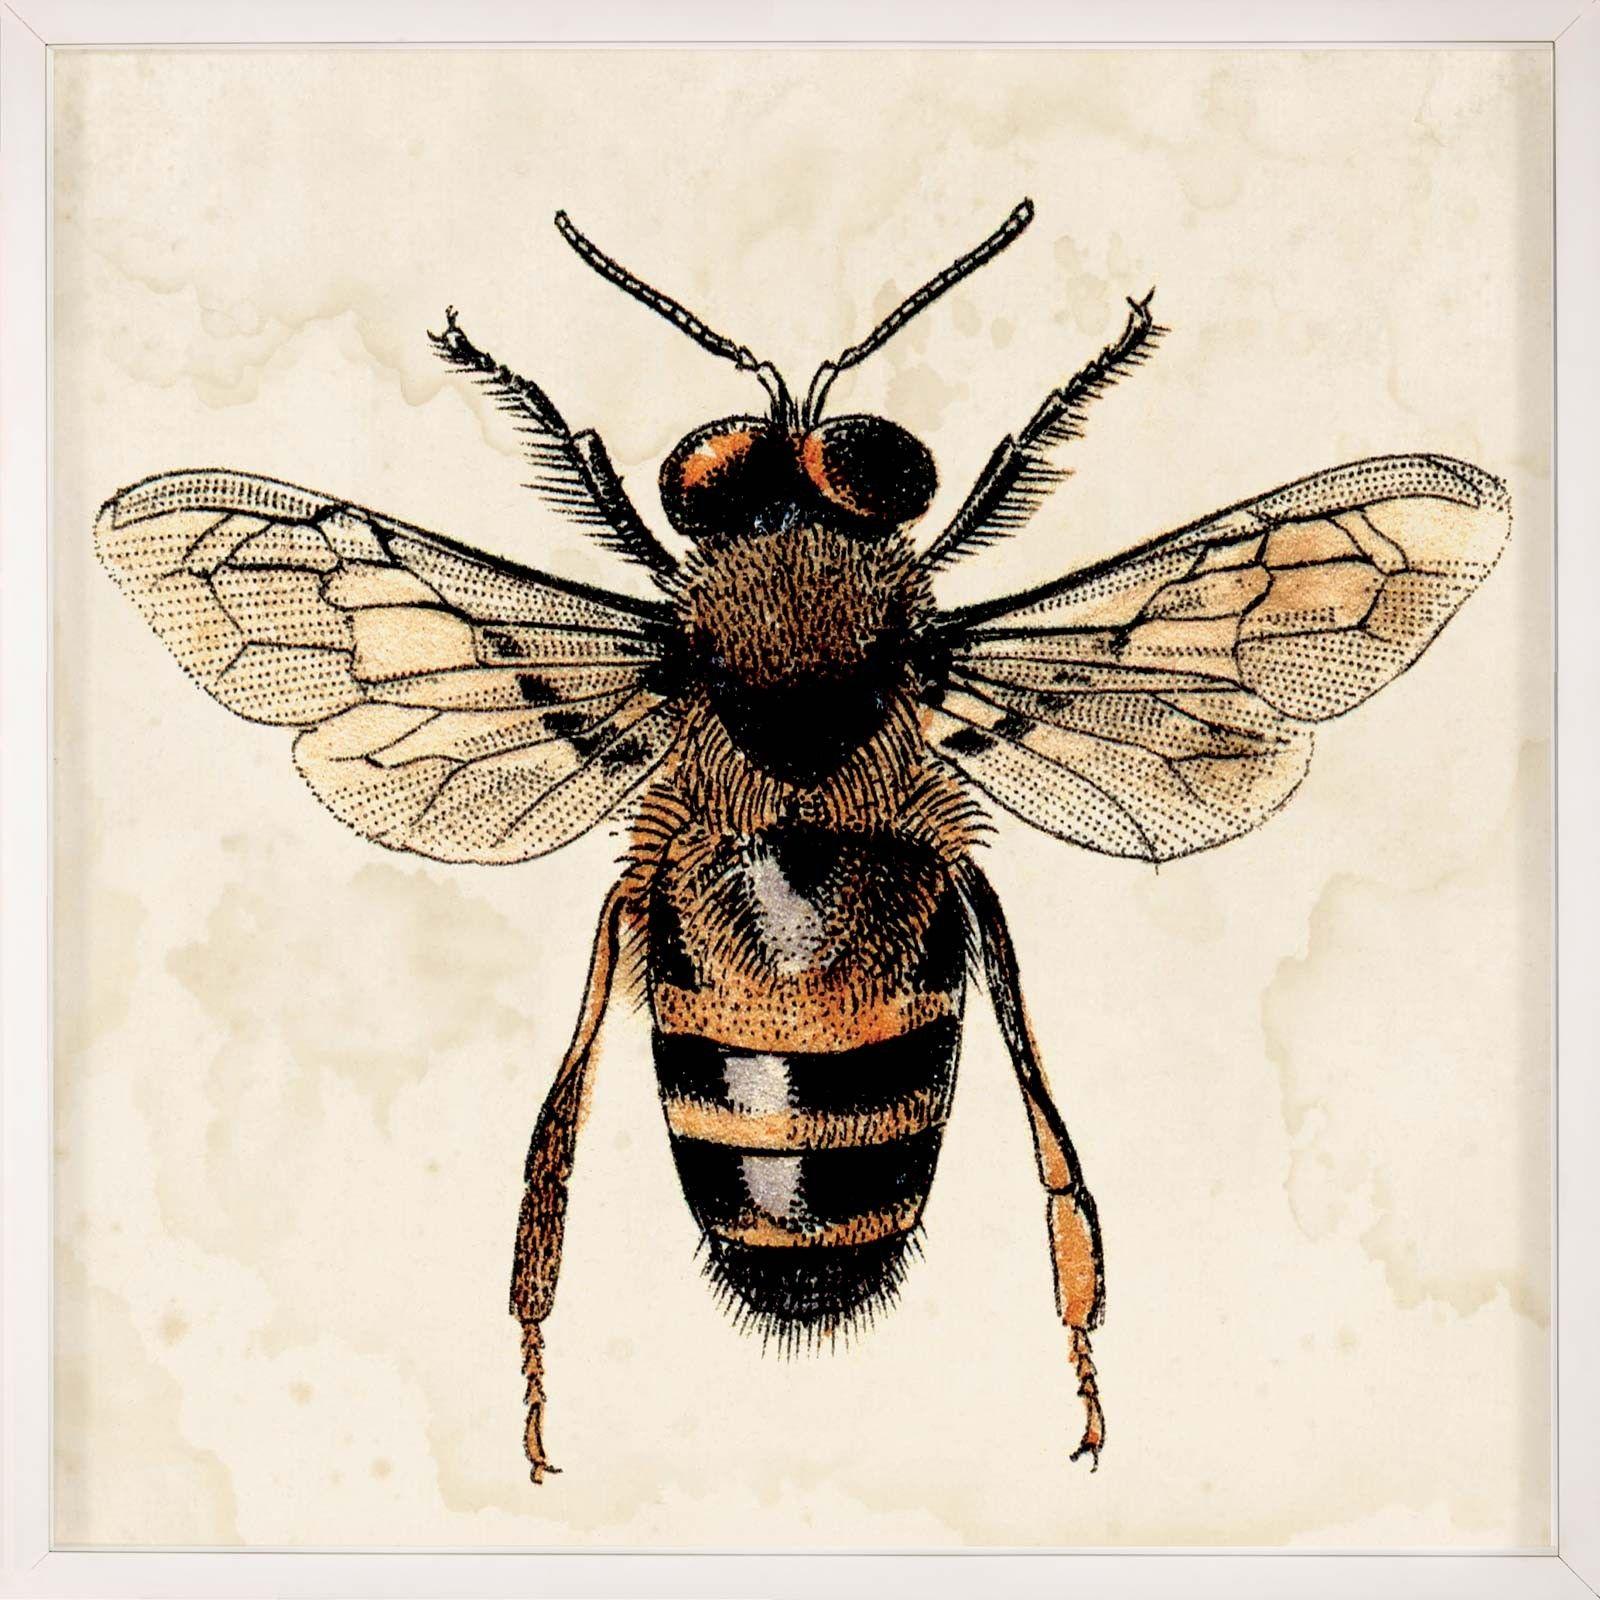 Lanoos Bee Study 1 Bee Art Drawings Sketches Realistic Drawings